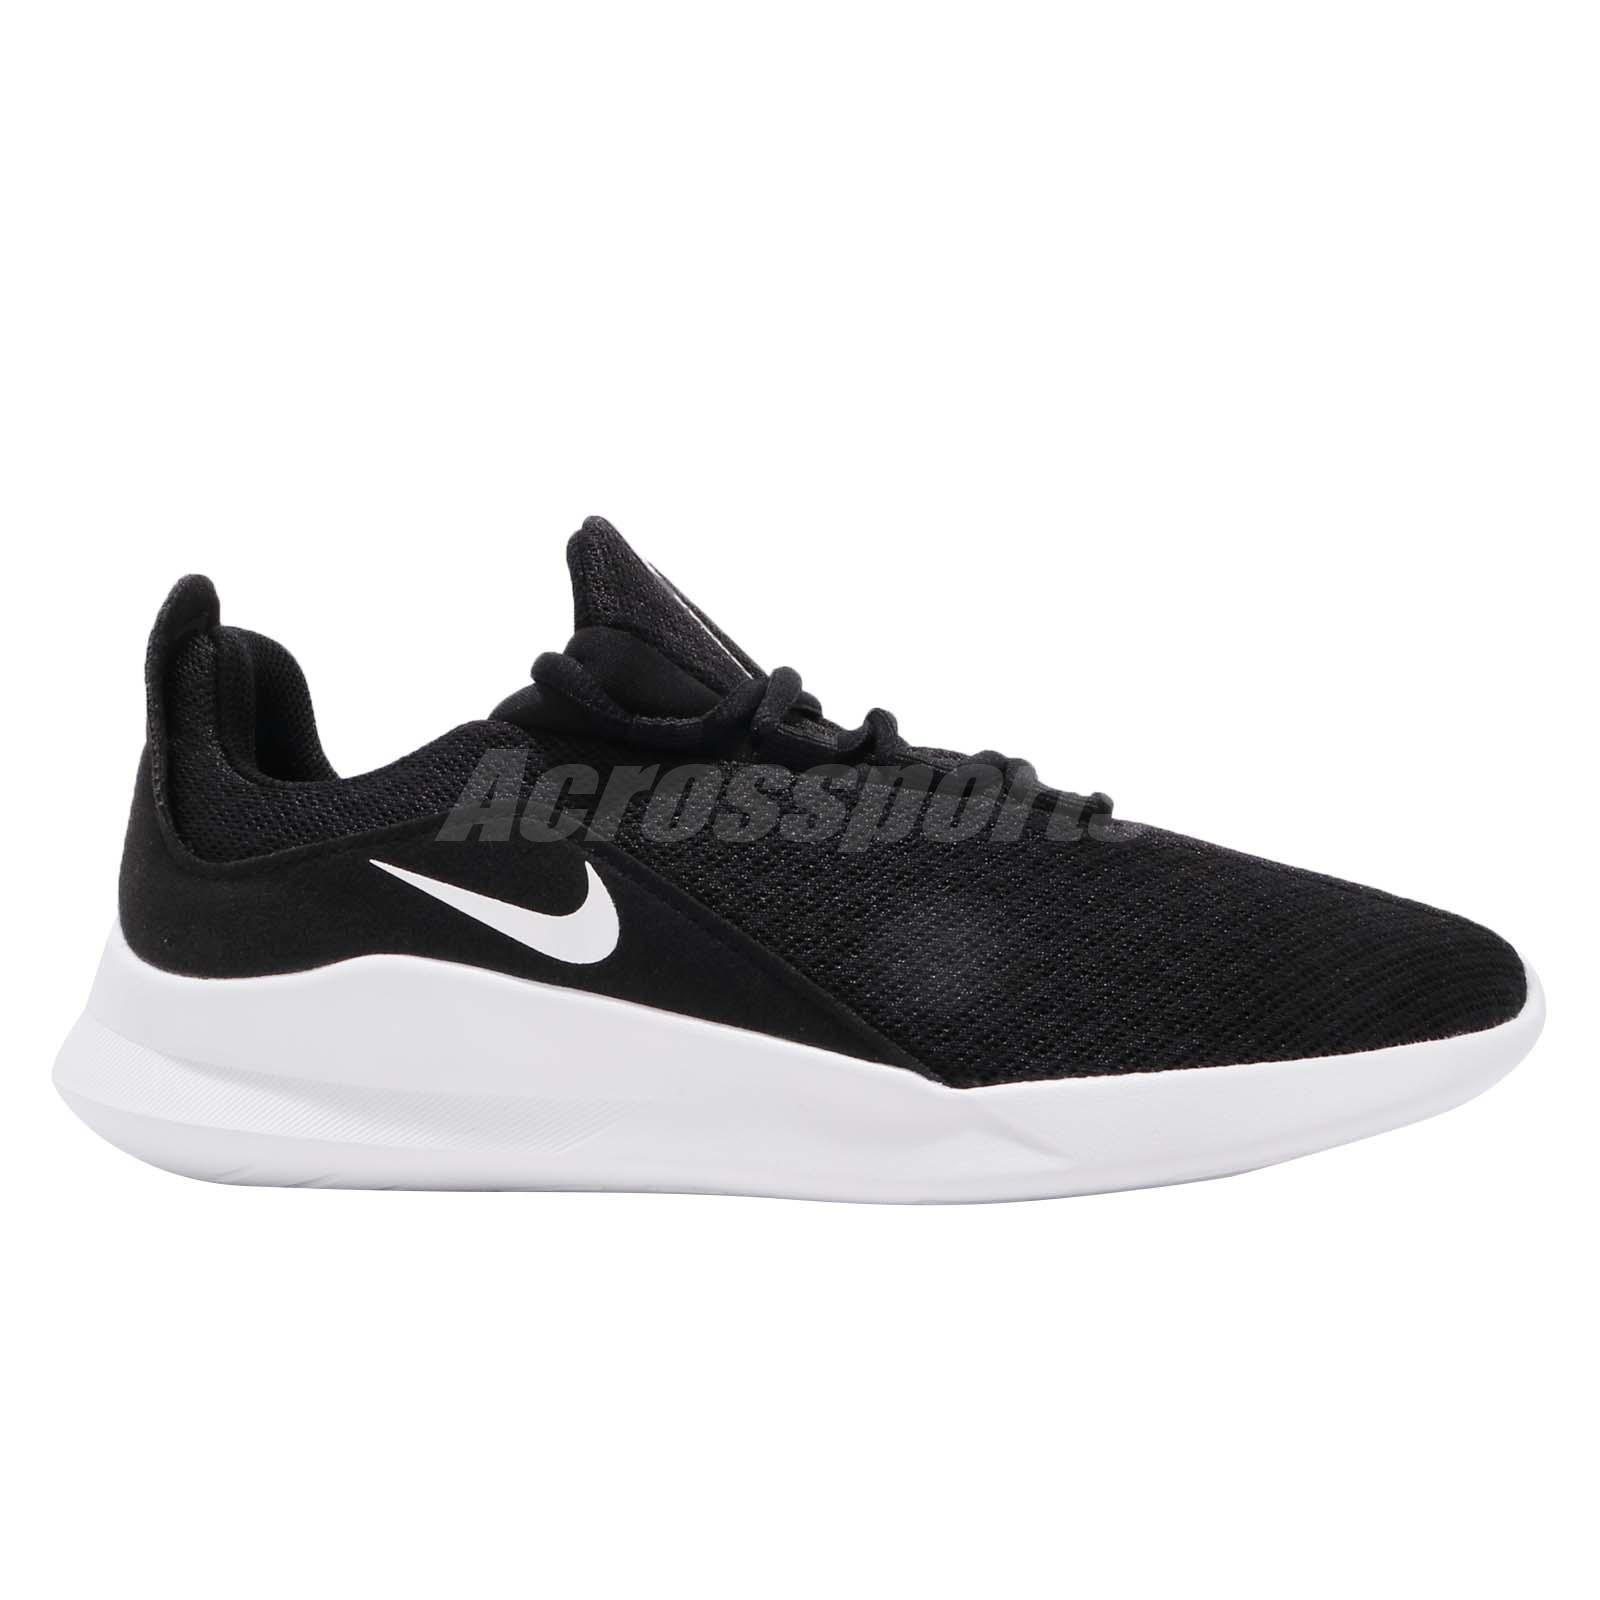 dc9383fe4753 Nike Wmns Viale NSW Black White Women Sportswear Running Shoe ...